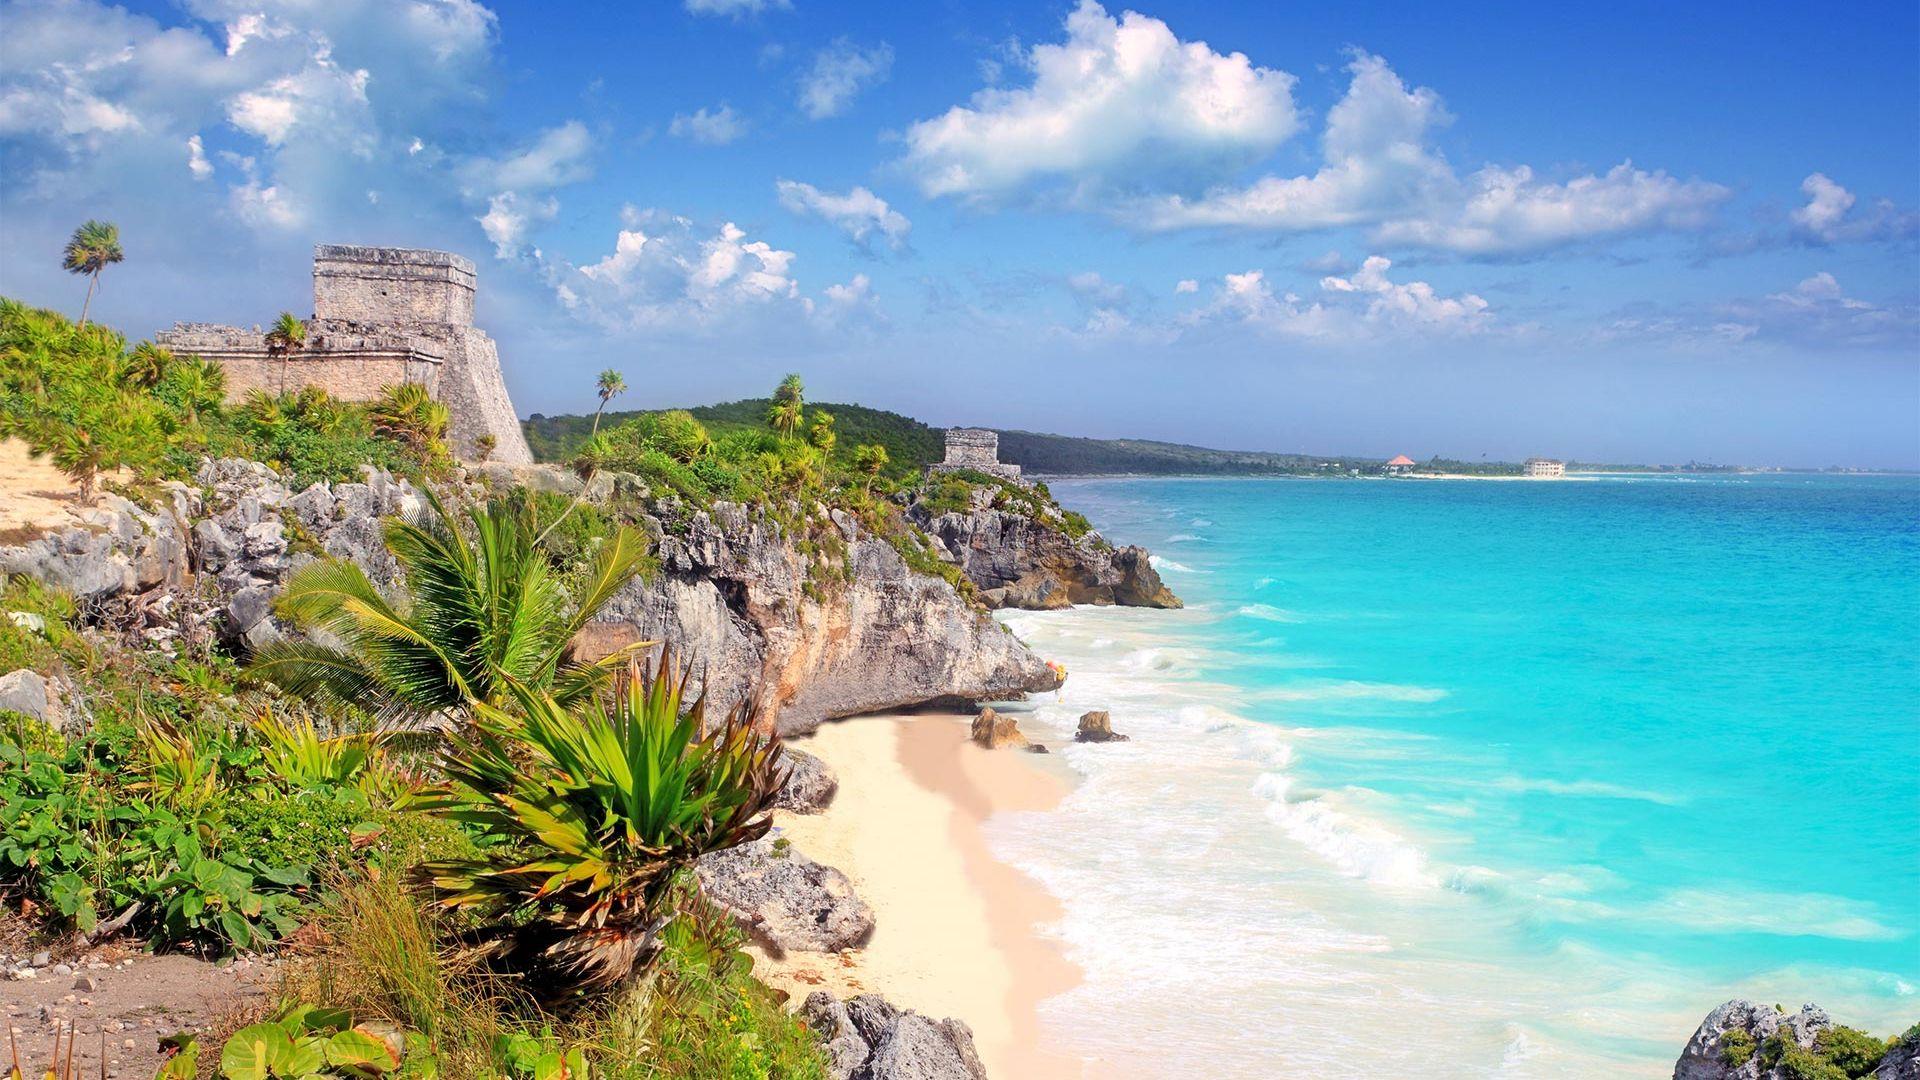 Revelion 2022 - Sejur plaja Cancun si Riviera Maya, Mexic, 11 zile